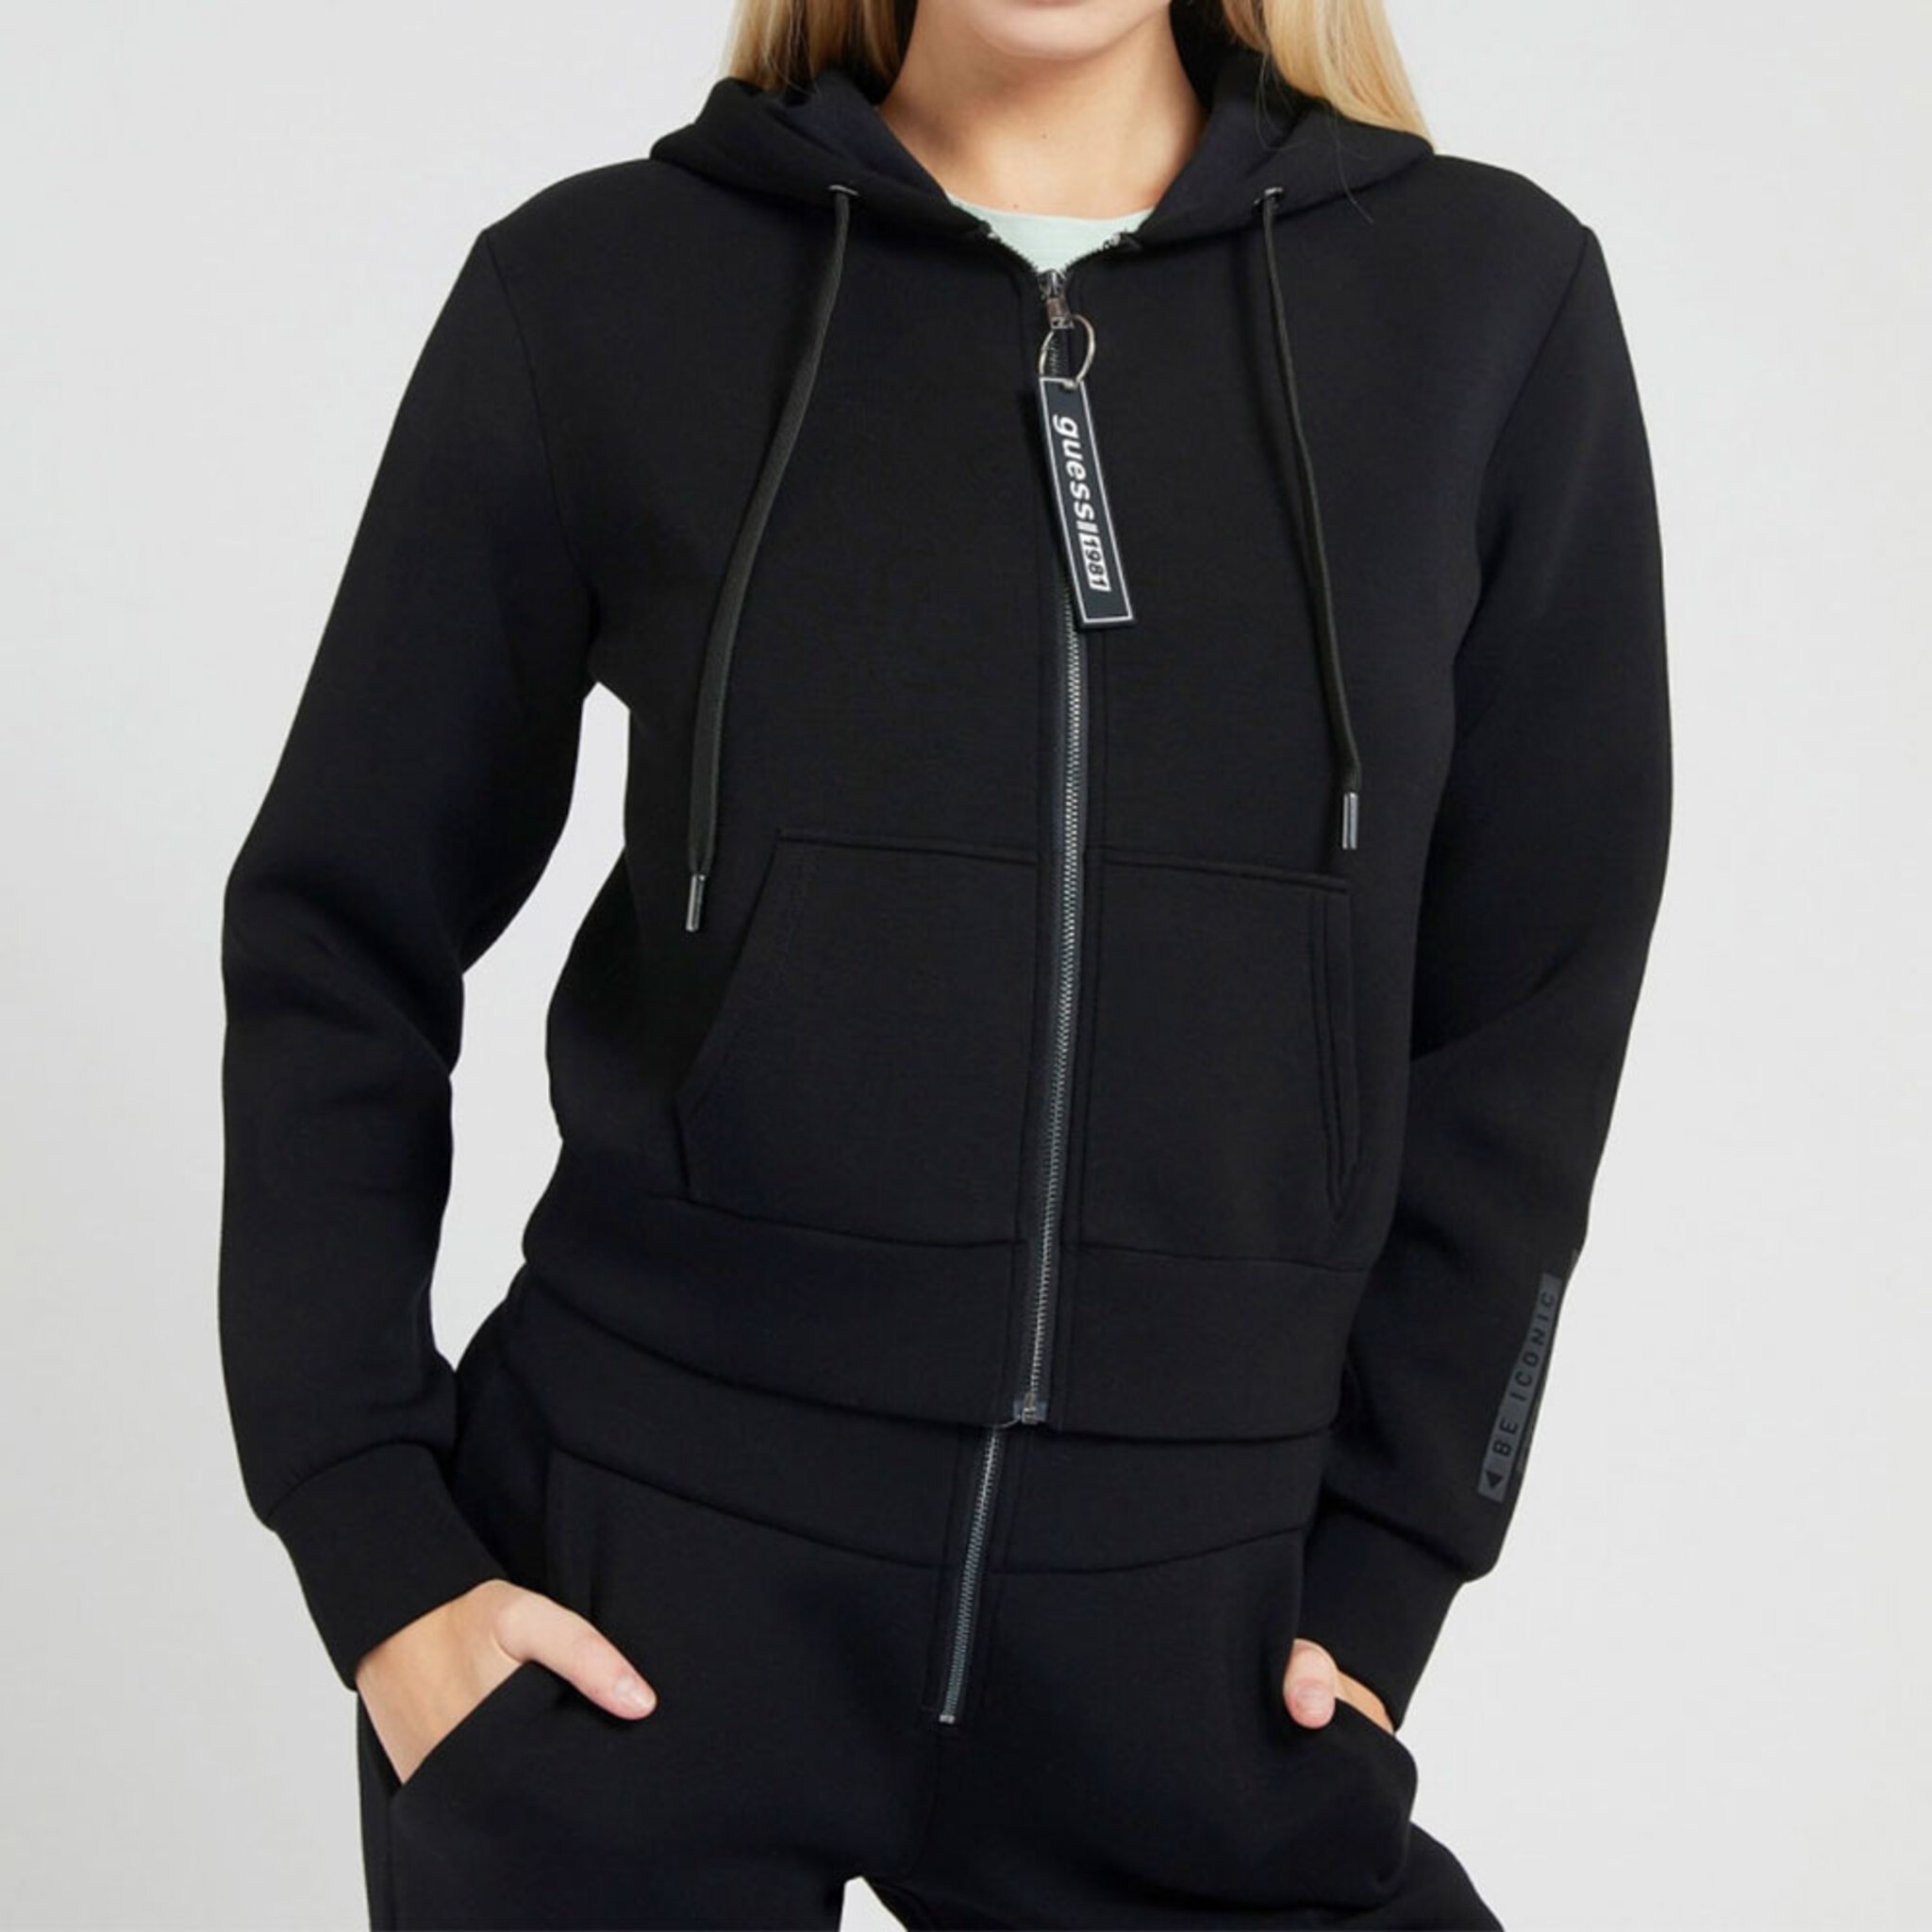 AKILAH ZIPPED FLEECE Sweatshirt